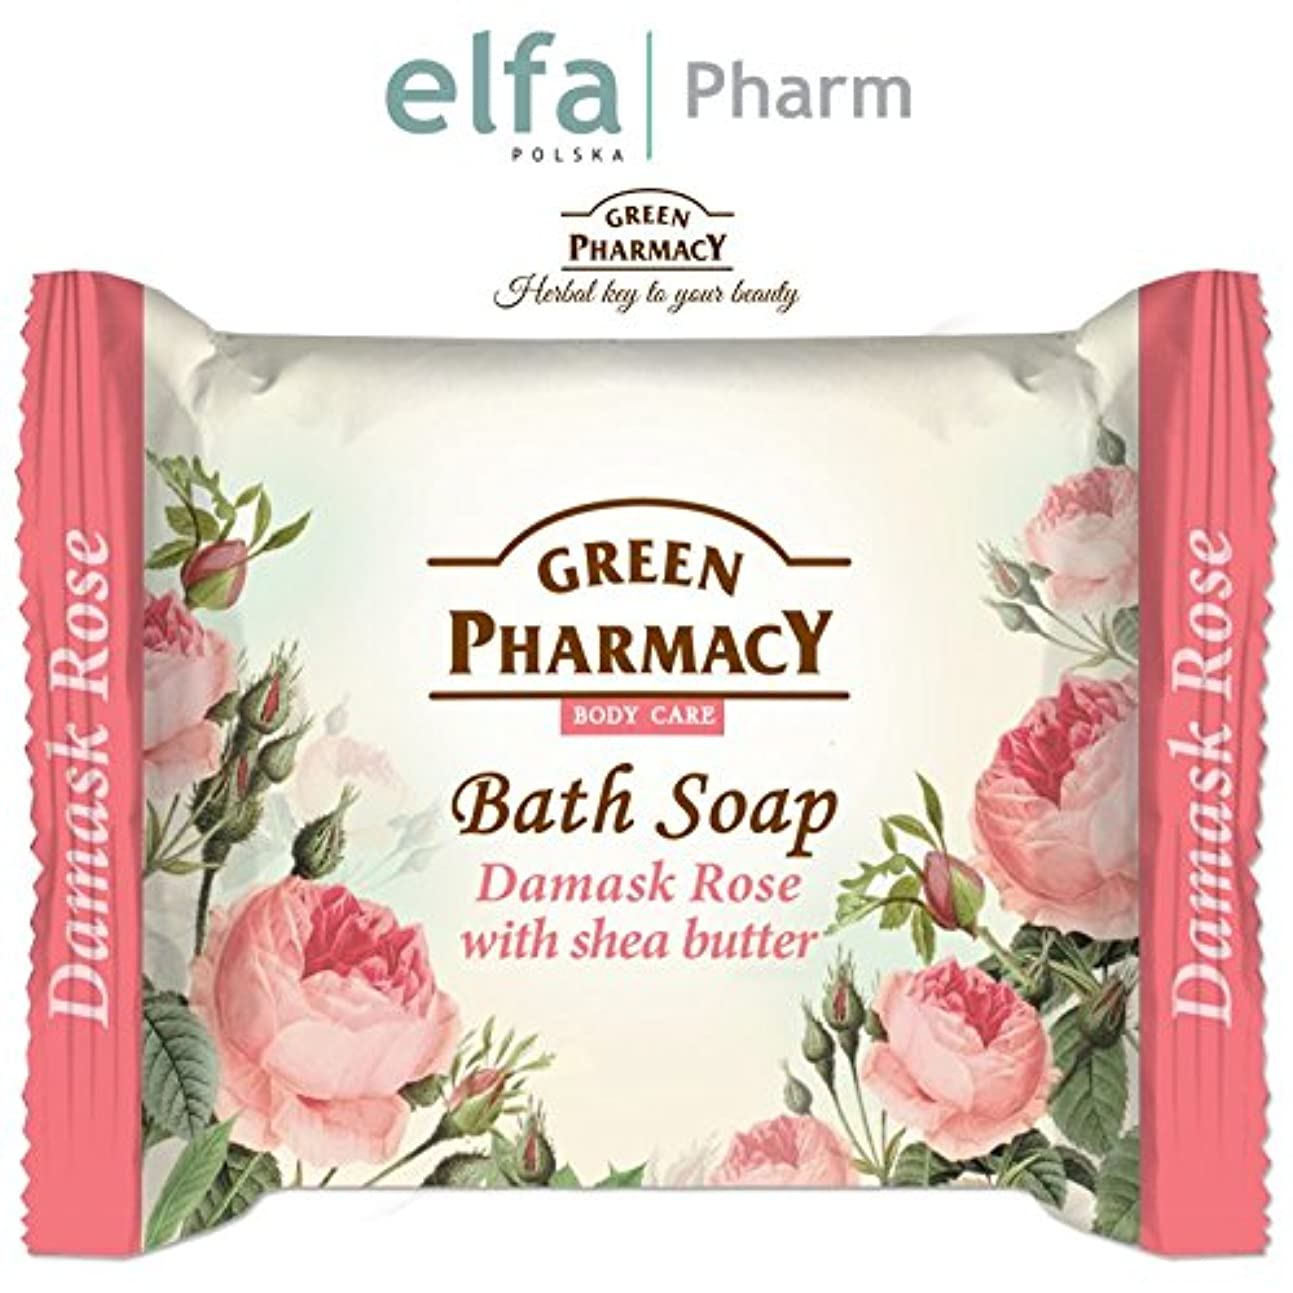 睡眠大陸商人石鹸 固形 安心?安全 古代からのハーブの知識を生かして作られた固形せっけん ポーランドのグリーンファーマシー elfa Pharm Green Pharmacy Bath Soap Damask Rose with Shea...